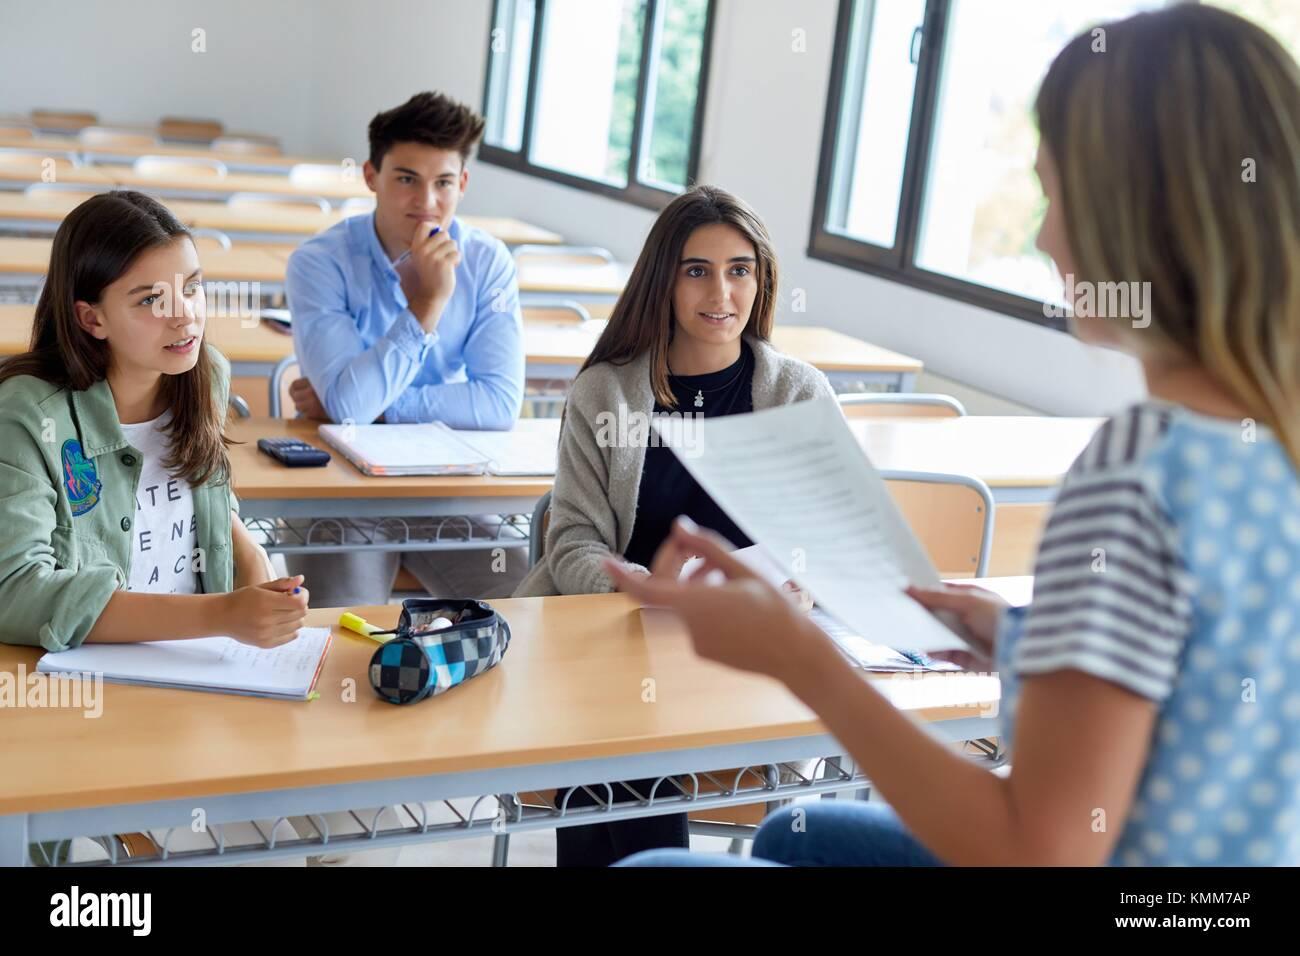 Insegnante con gli studenti. Classe. College. Scuola di Studi Aziendali. Università. Donostia. San Sebastian. Immagini Stock